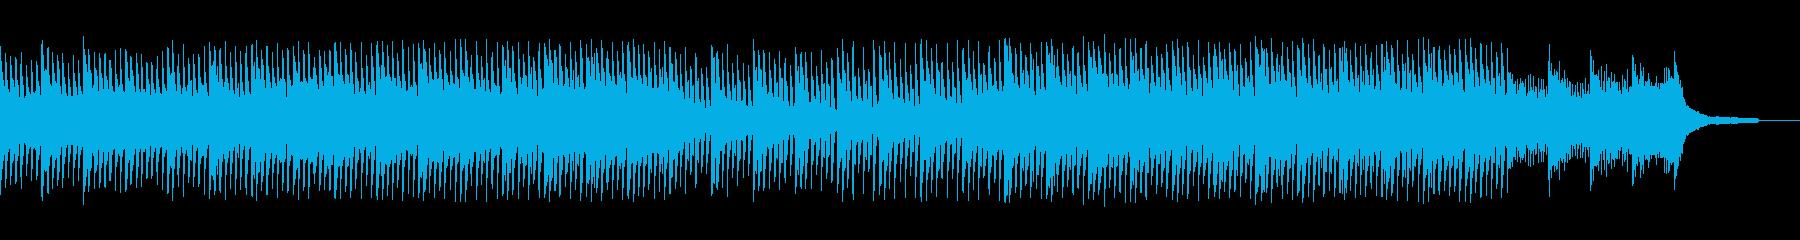 企業VP会社紹介透明感爽やか疾走感A12の再生済みの波形